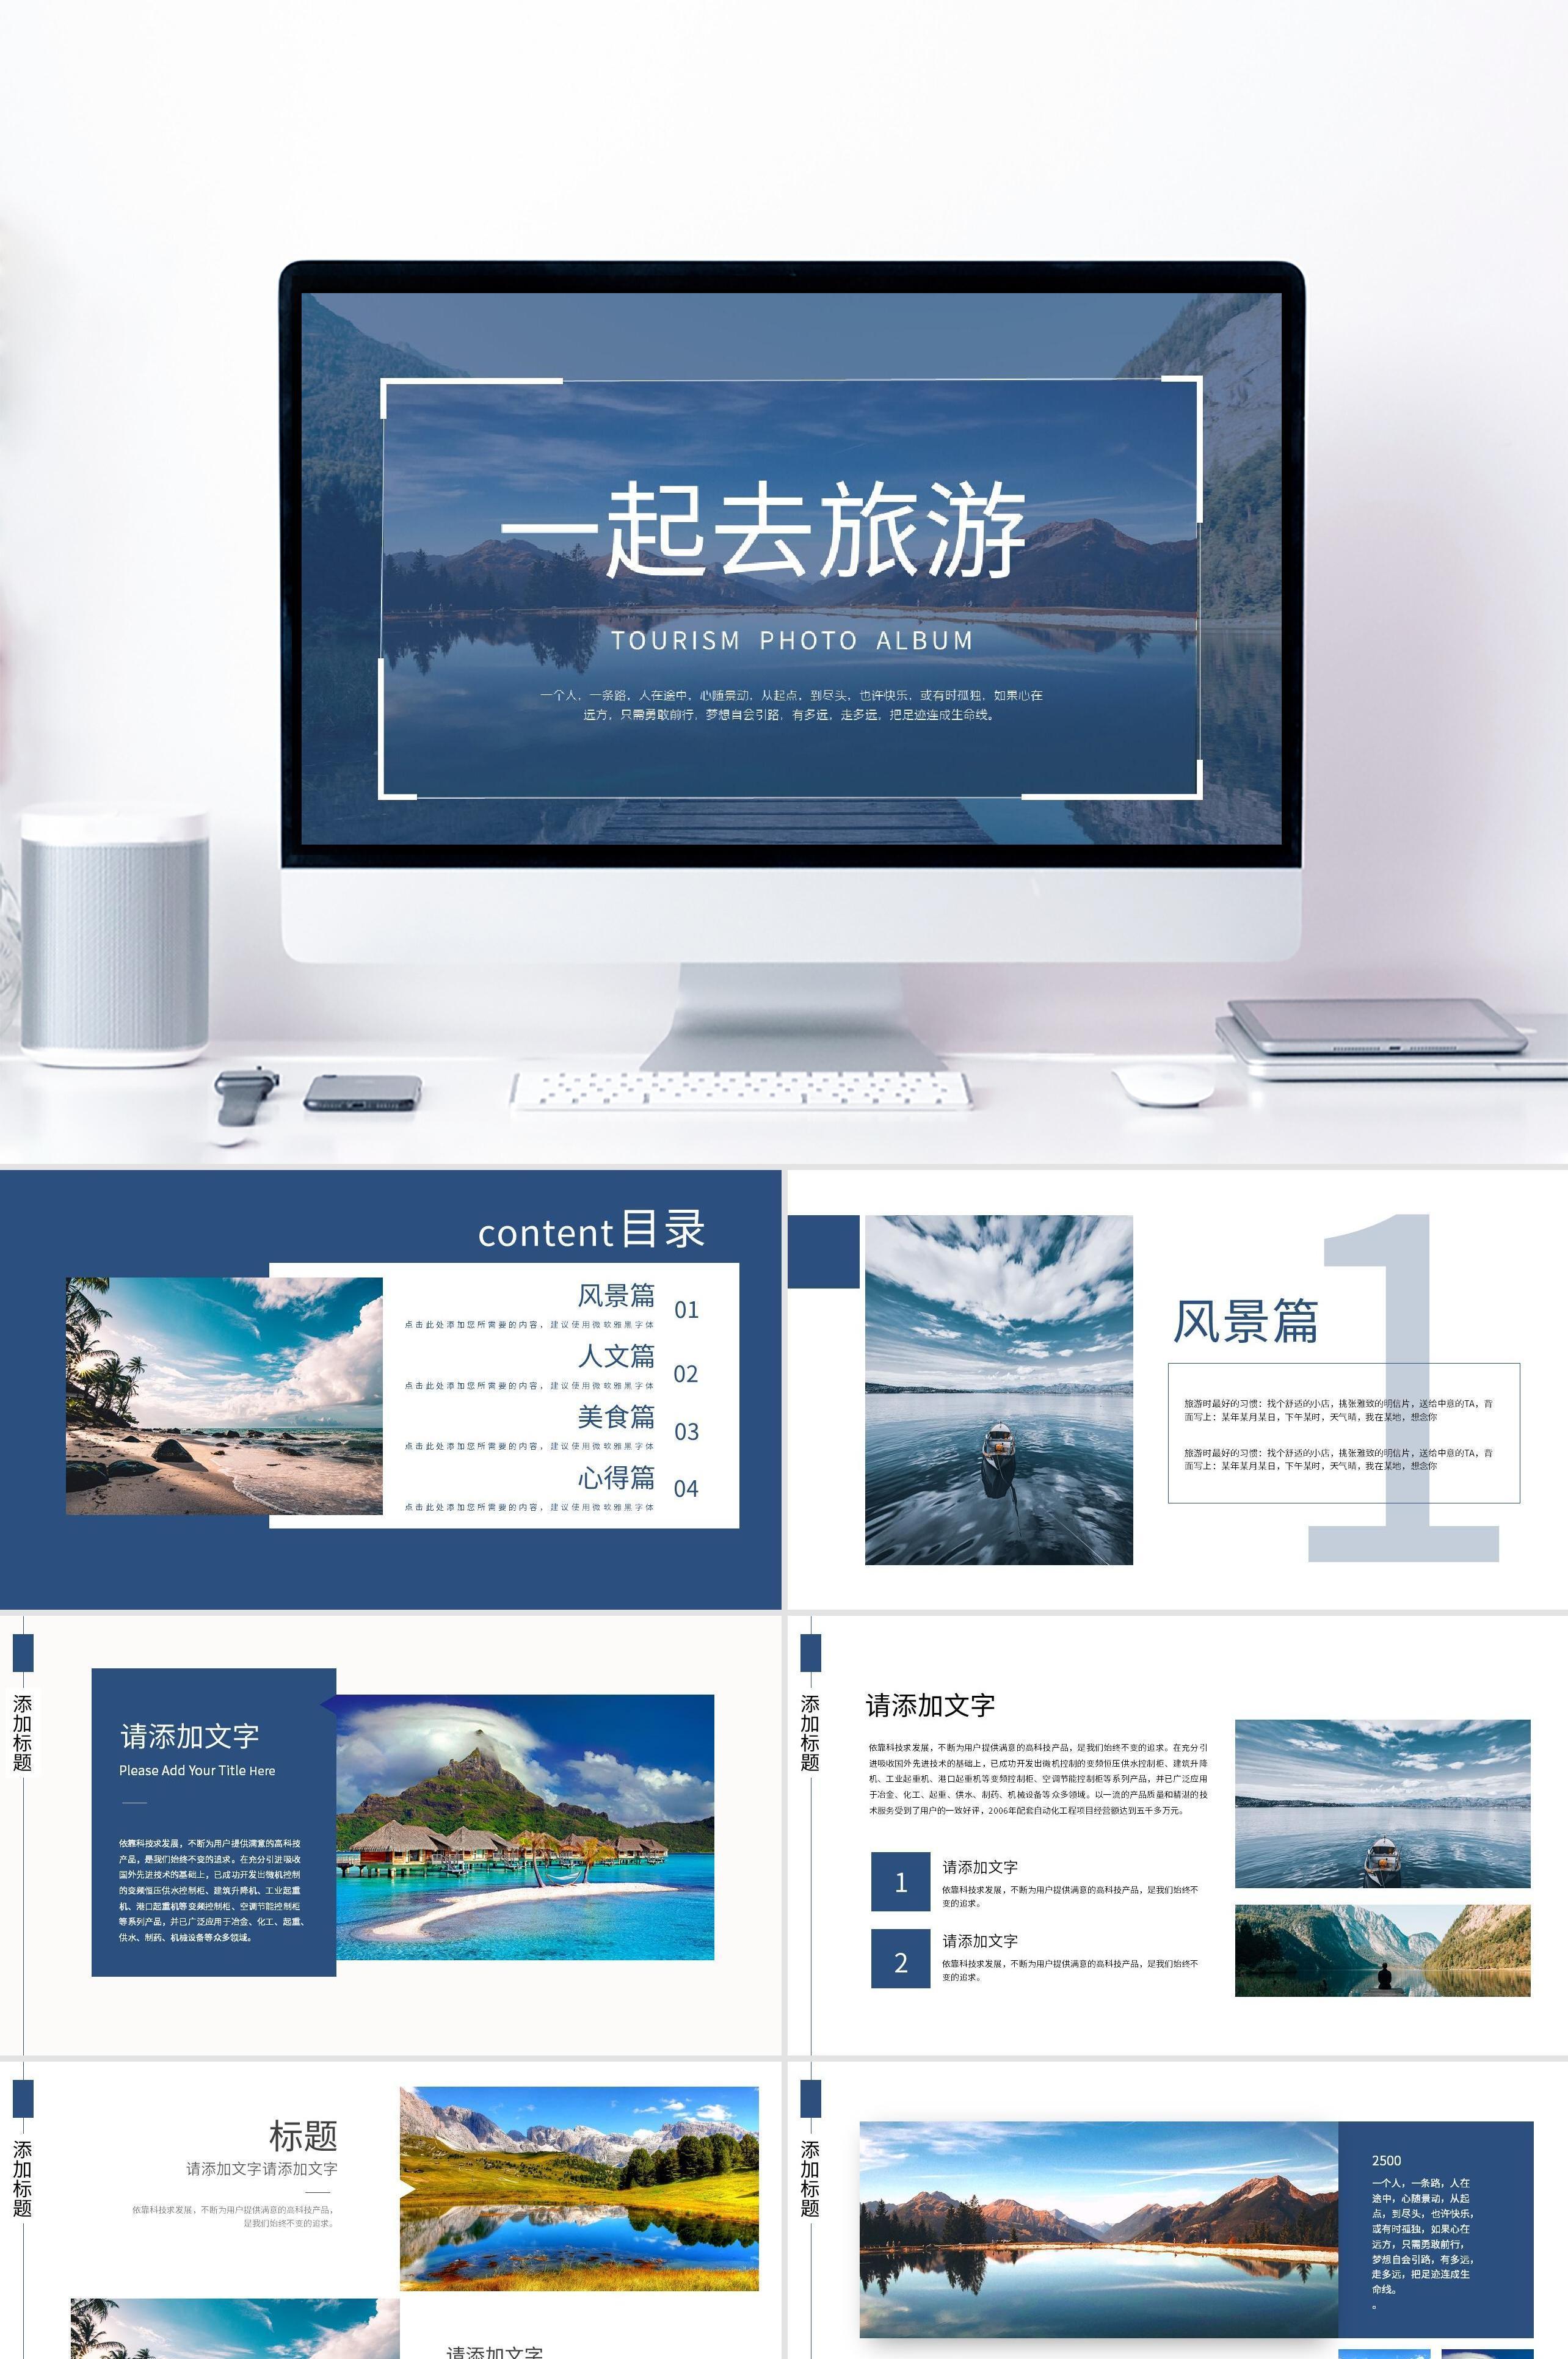 蓝色杂志风旅游相册旅游画册日记PPT